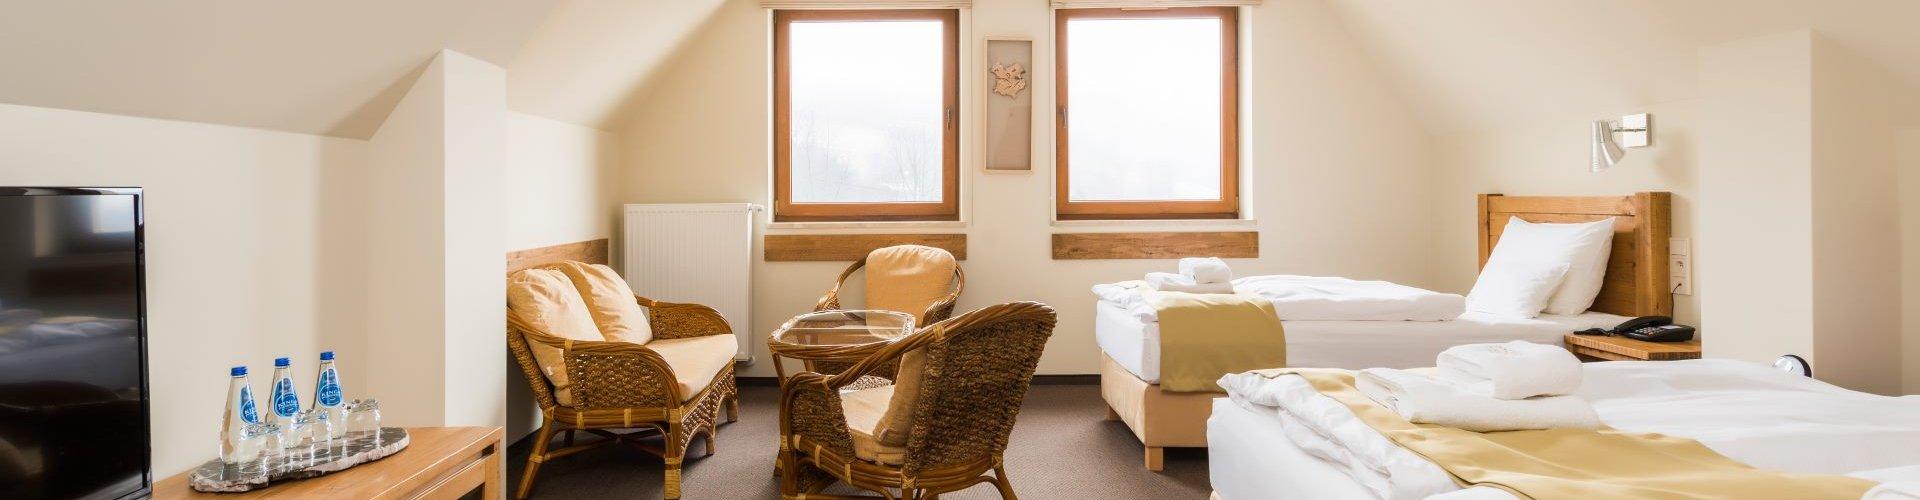 Pokój dwuosobowy Lux z dodatkowym łóżkiem